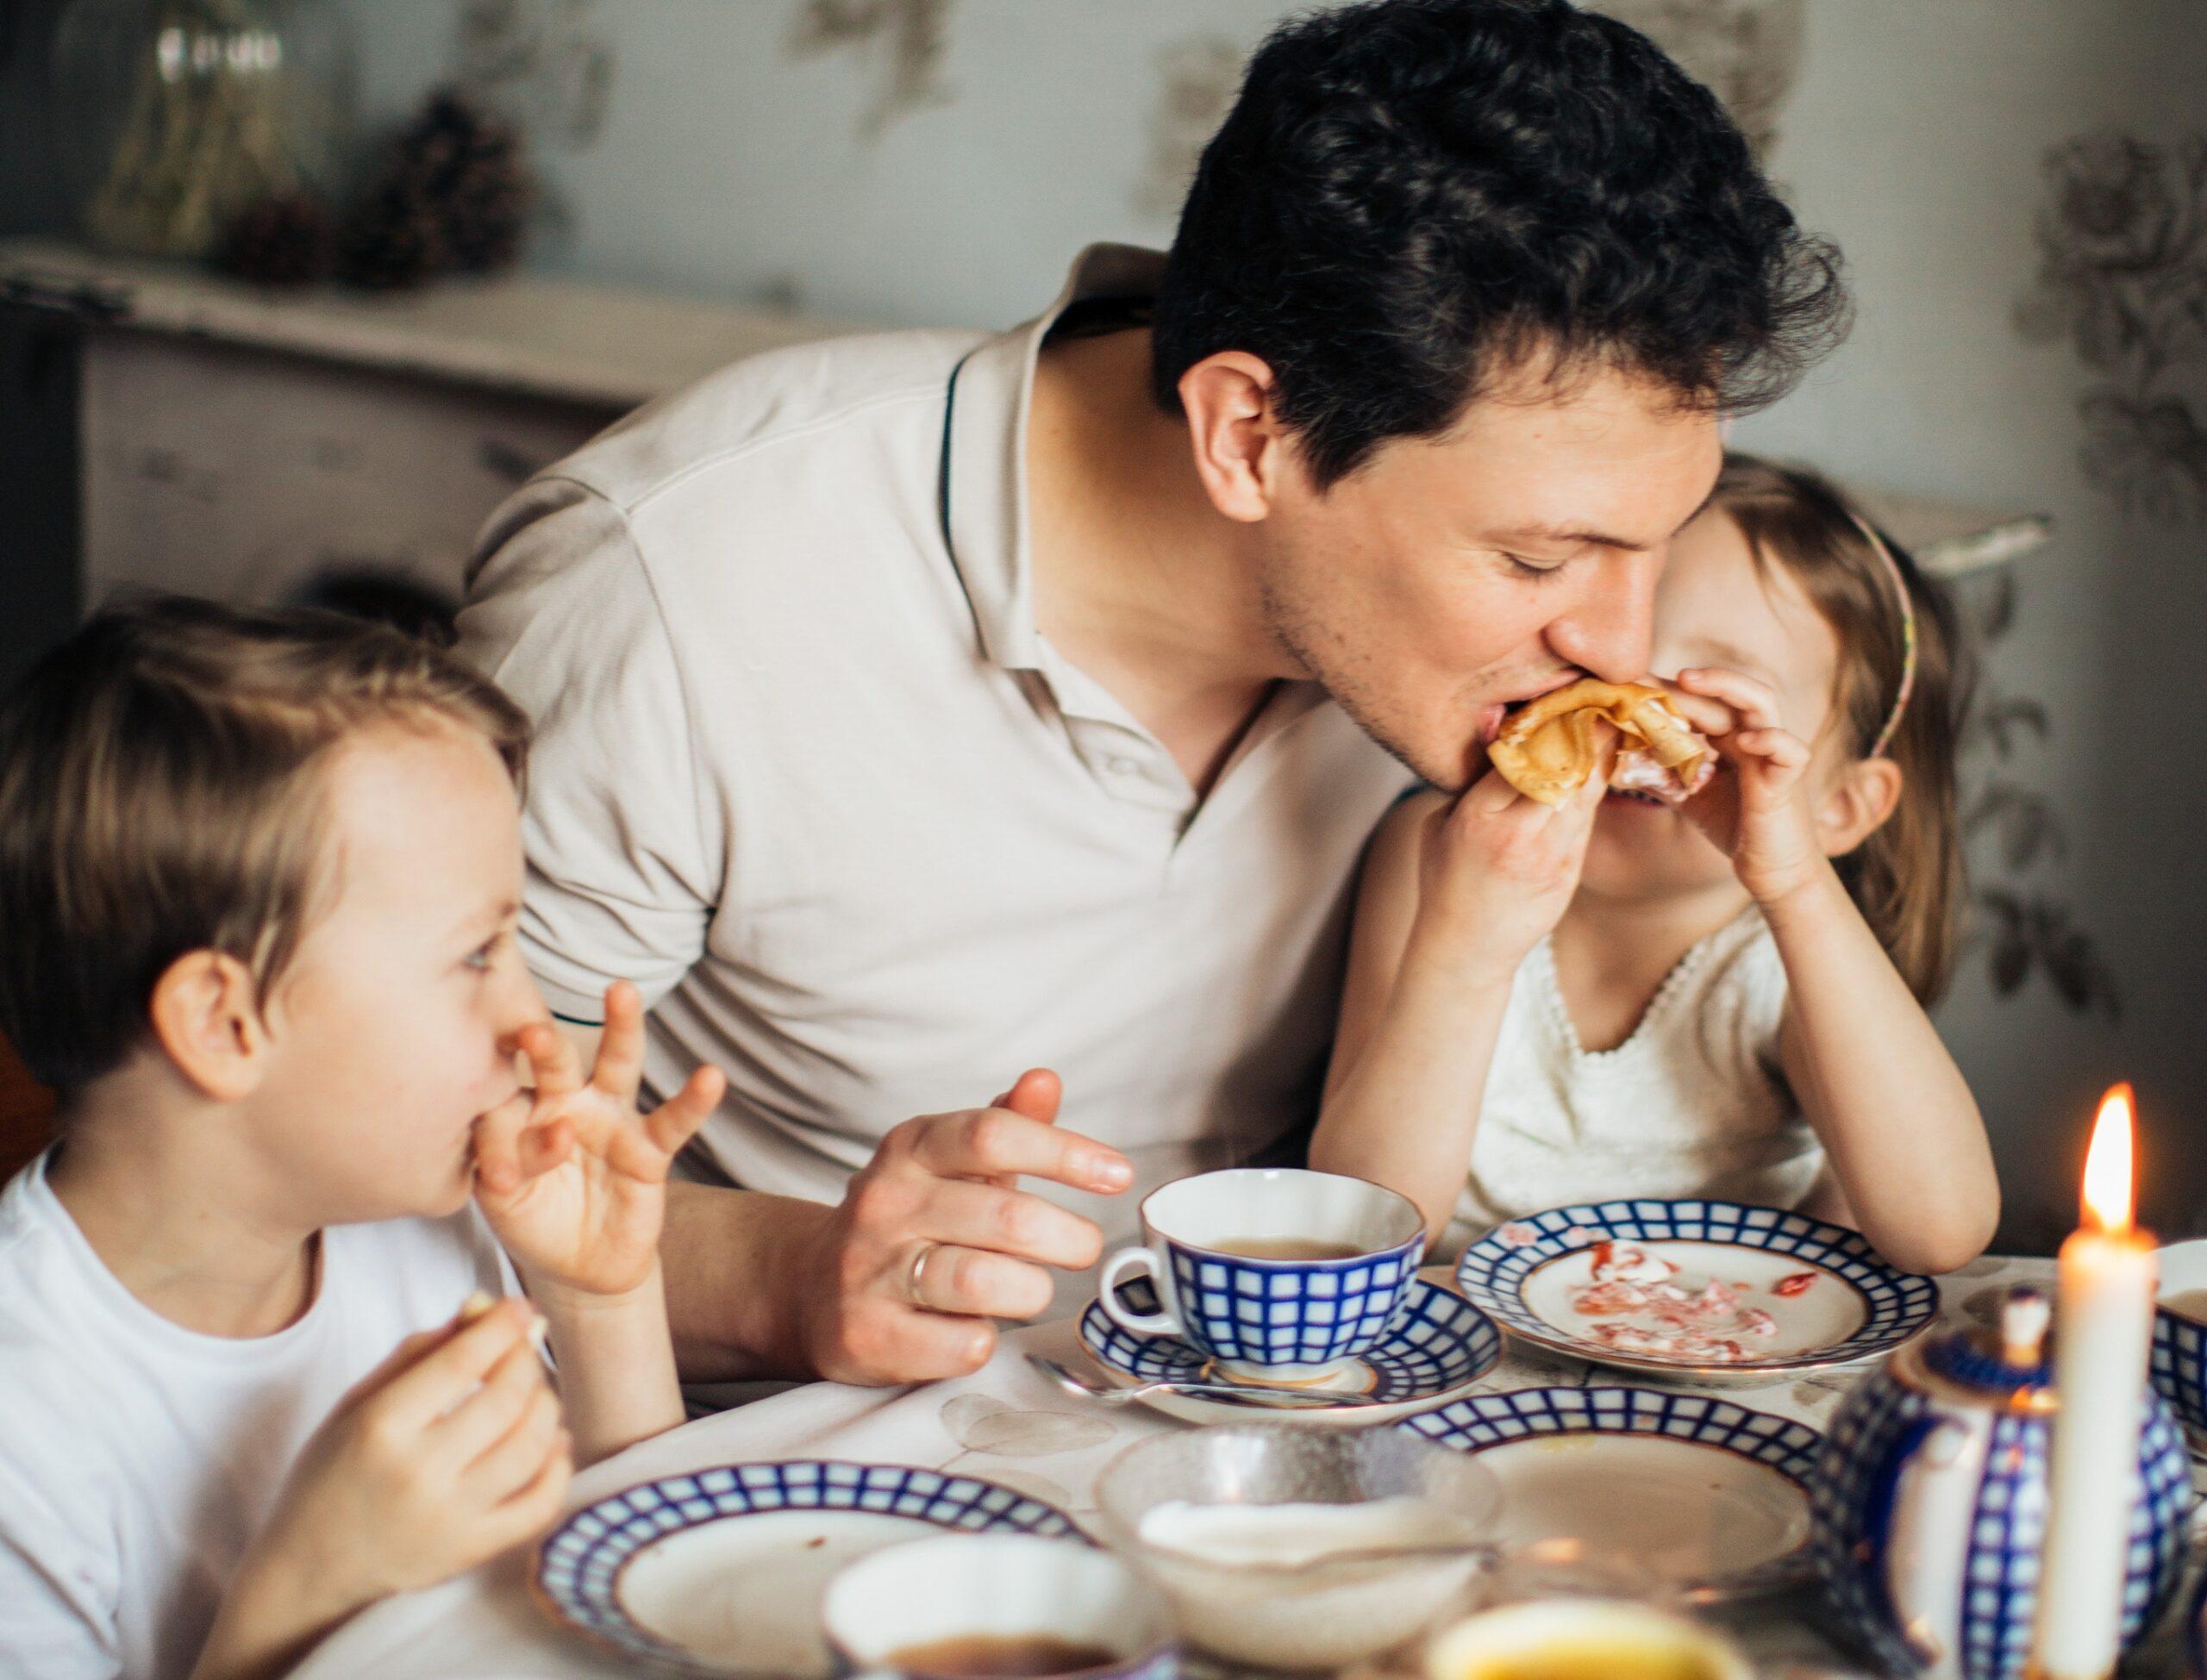 apák napja, elvált, elvált szülők, ünnep, apa, apák napja